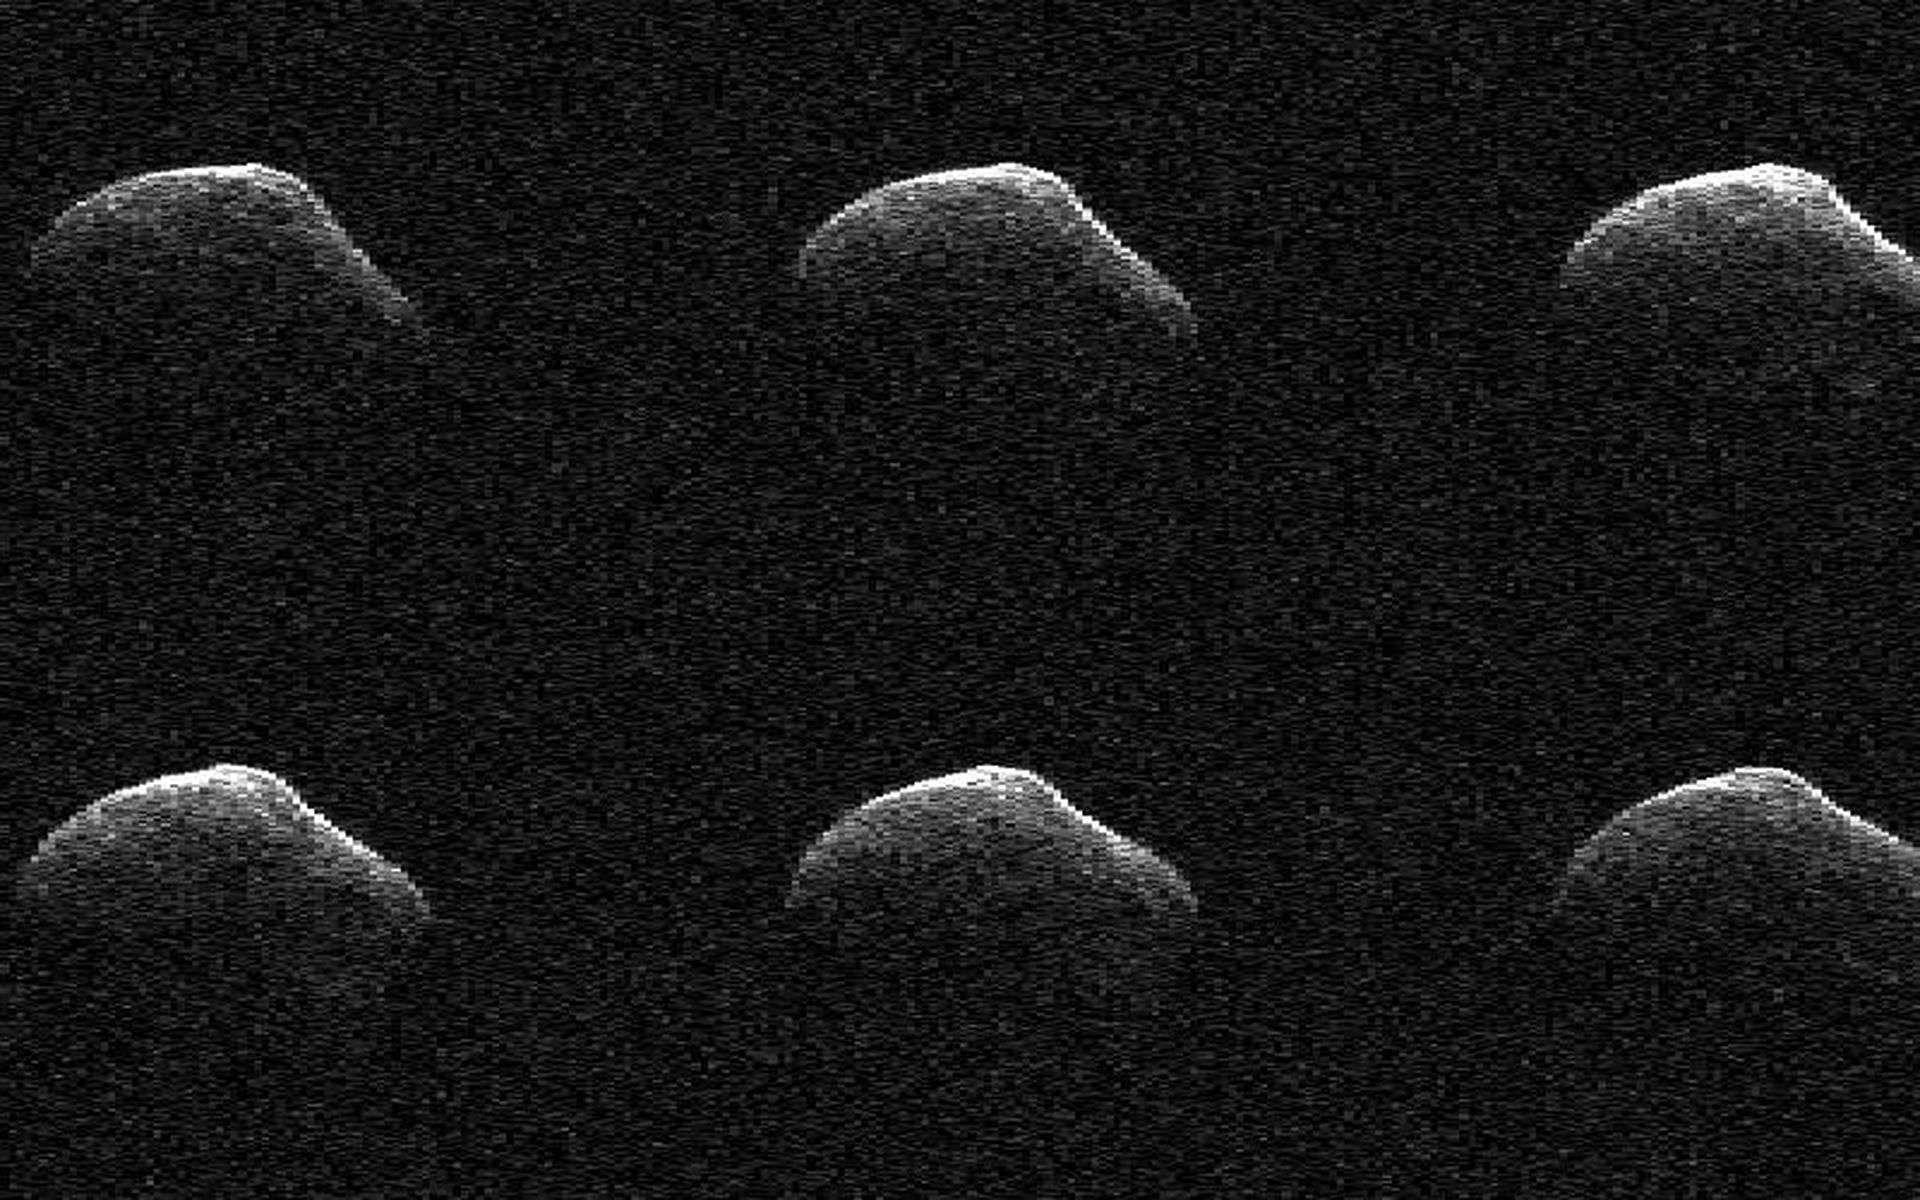 Images radar de P/2016 BA14, obtenues le 23 mars 2016, lorsque le noyau de la comète était à 3,6 millions de kilomètres de la Terre. © Nasa, JPL-Caltech, GSSR